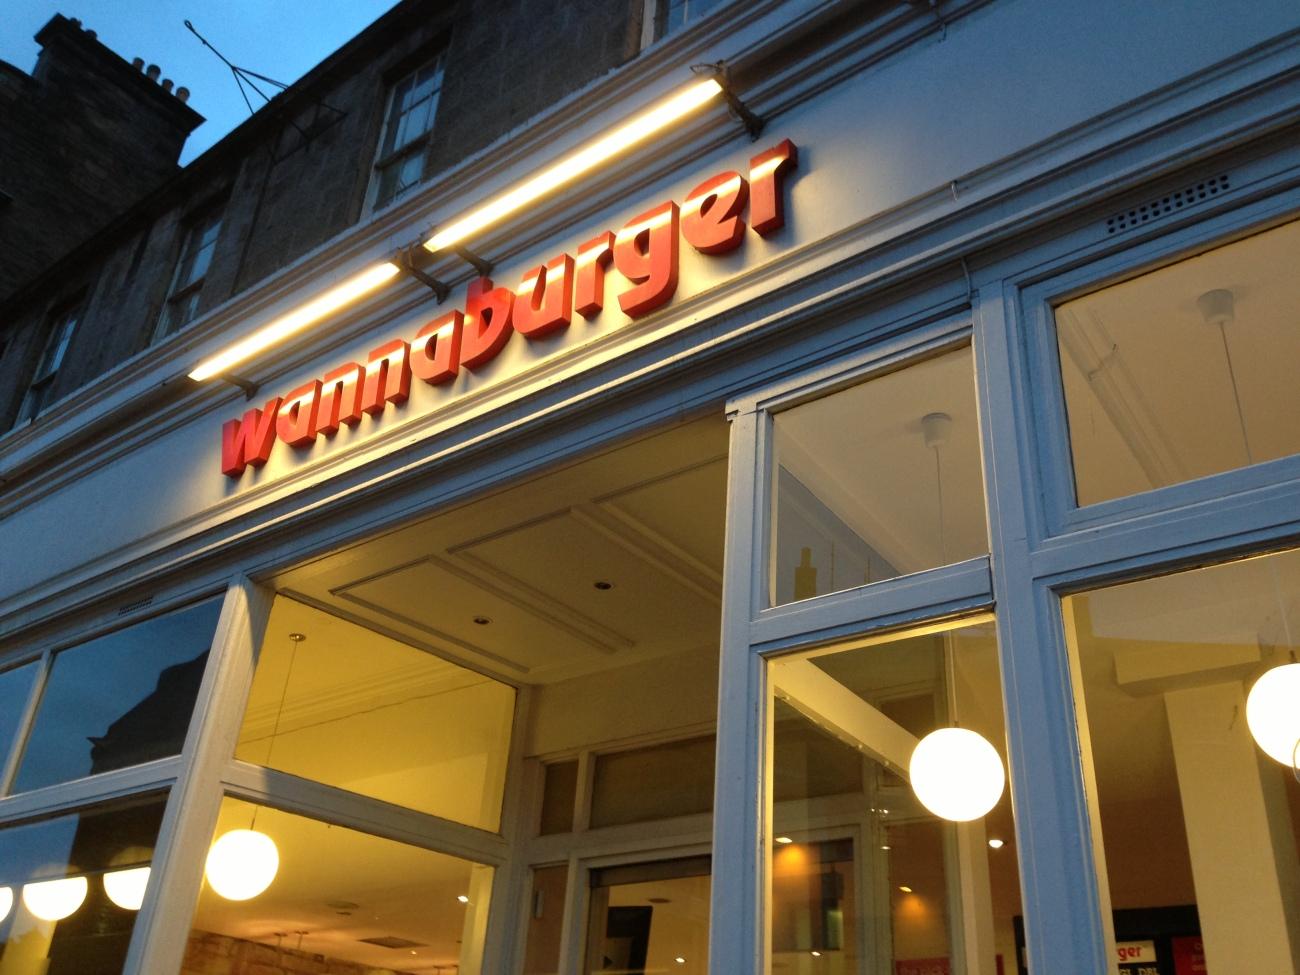 Wannaburger, Edimburgo